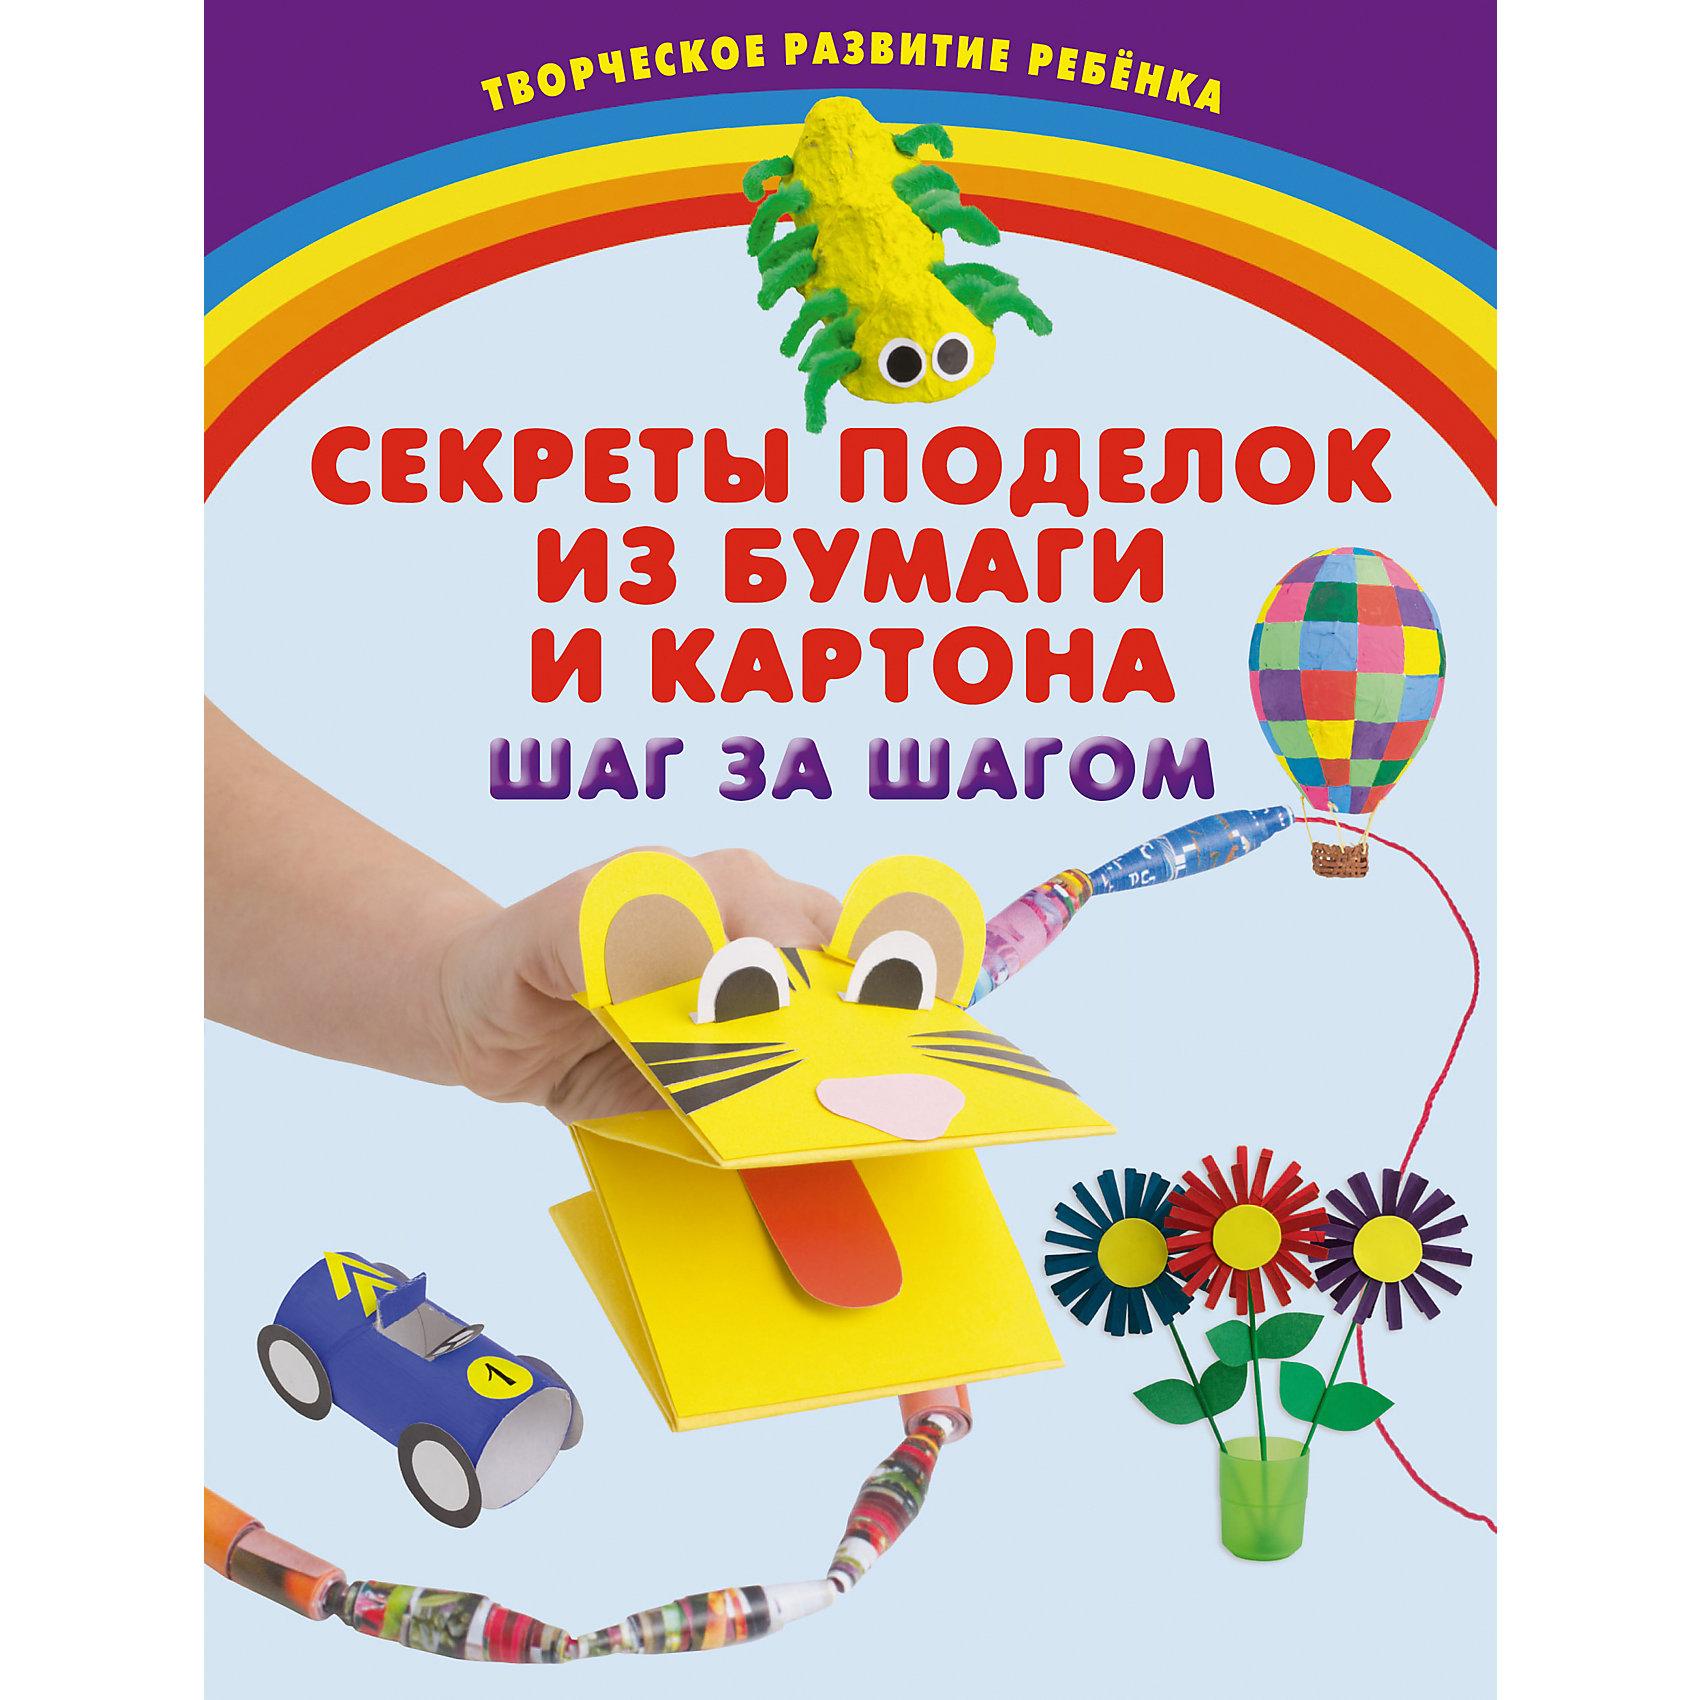 Секреты поделок из бумаги и картона, Шаг за шагомКнига создана специально для самых маленьких деток! Ее основная цель  - помочь родителям развить творческие способности ребенка, мелкую моторику рук, мышление, воображение, внимание, память, усидчивость и фантазию.<br>Не сразу, постепенно, шаг за шагом ребенок сможет самостоятельно сделать забавные аппликации из бумаги и картона. Книга содержит наглядные и простые инструкции, пошаговые фотографии.<br><br>Дополнительная информация:<br><br>- Автор: Елена Витальевна Корвин-Кучинская.<br>- Переплет: твердый.<br>- Тип иллюстраций: фотографии цветные.<br>- Кол-во страниц: 64<br>- Год выпуска: 2014<br>- ISBN: 978-5-699-69546-1<br>- Размер упаковки: 22х29,7х1 см.<br>- Вес в упаковке: 553 г. <br><br>Купить книгуСекреты поделок из бумаги и картона, Шаг за шагом можно в нашем магазине.<br><br>Ширина мм: 220<br>Глубина мм: 297<br>Высота мм: 10<br>Вес г: 553<br>Возраст от месяцев: 48<br>Возраст до месяцев: 72<br>Пол: Унисекс<br>Возраст: Детский<br>SKU: 4809947